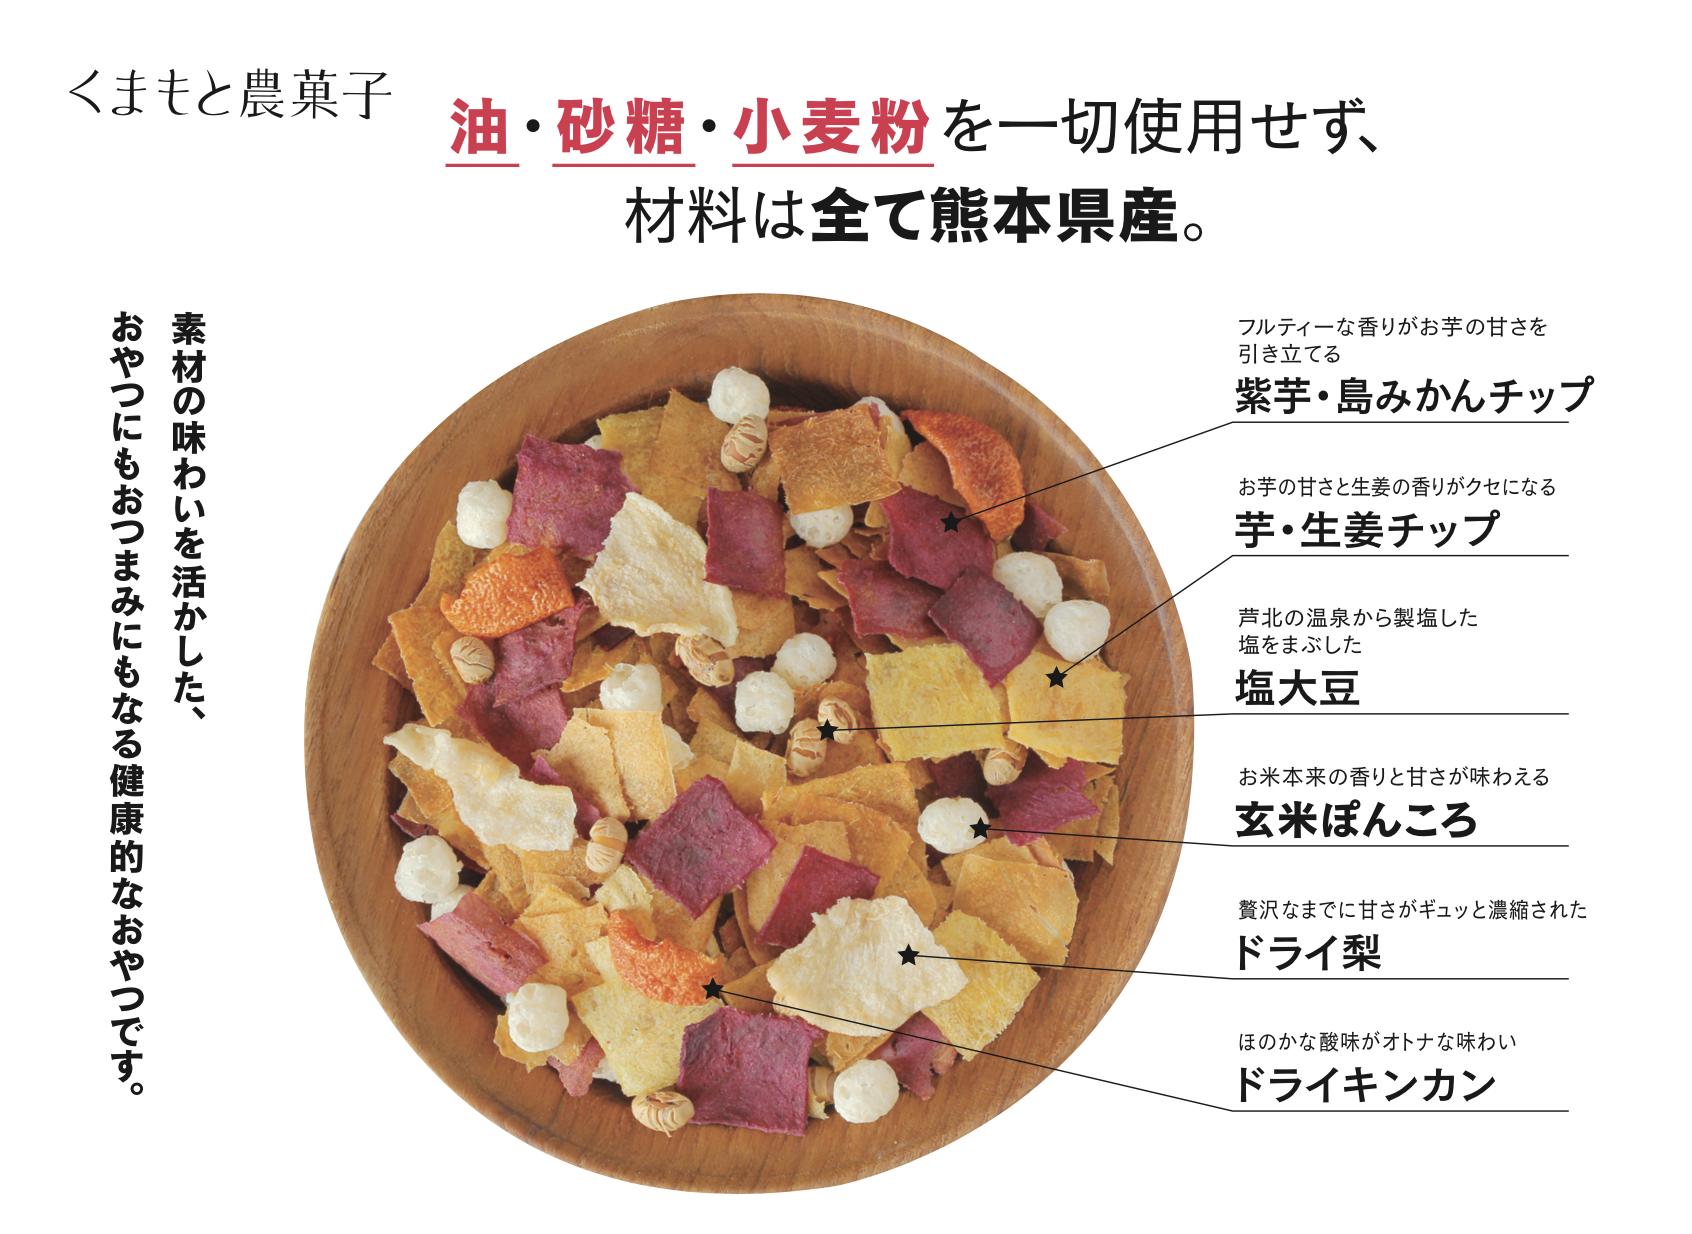 農菓子説明